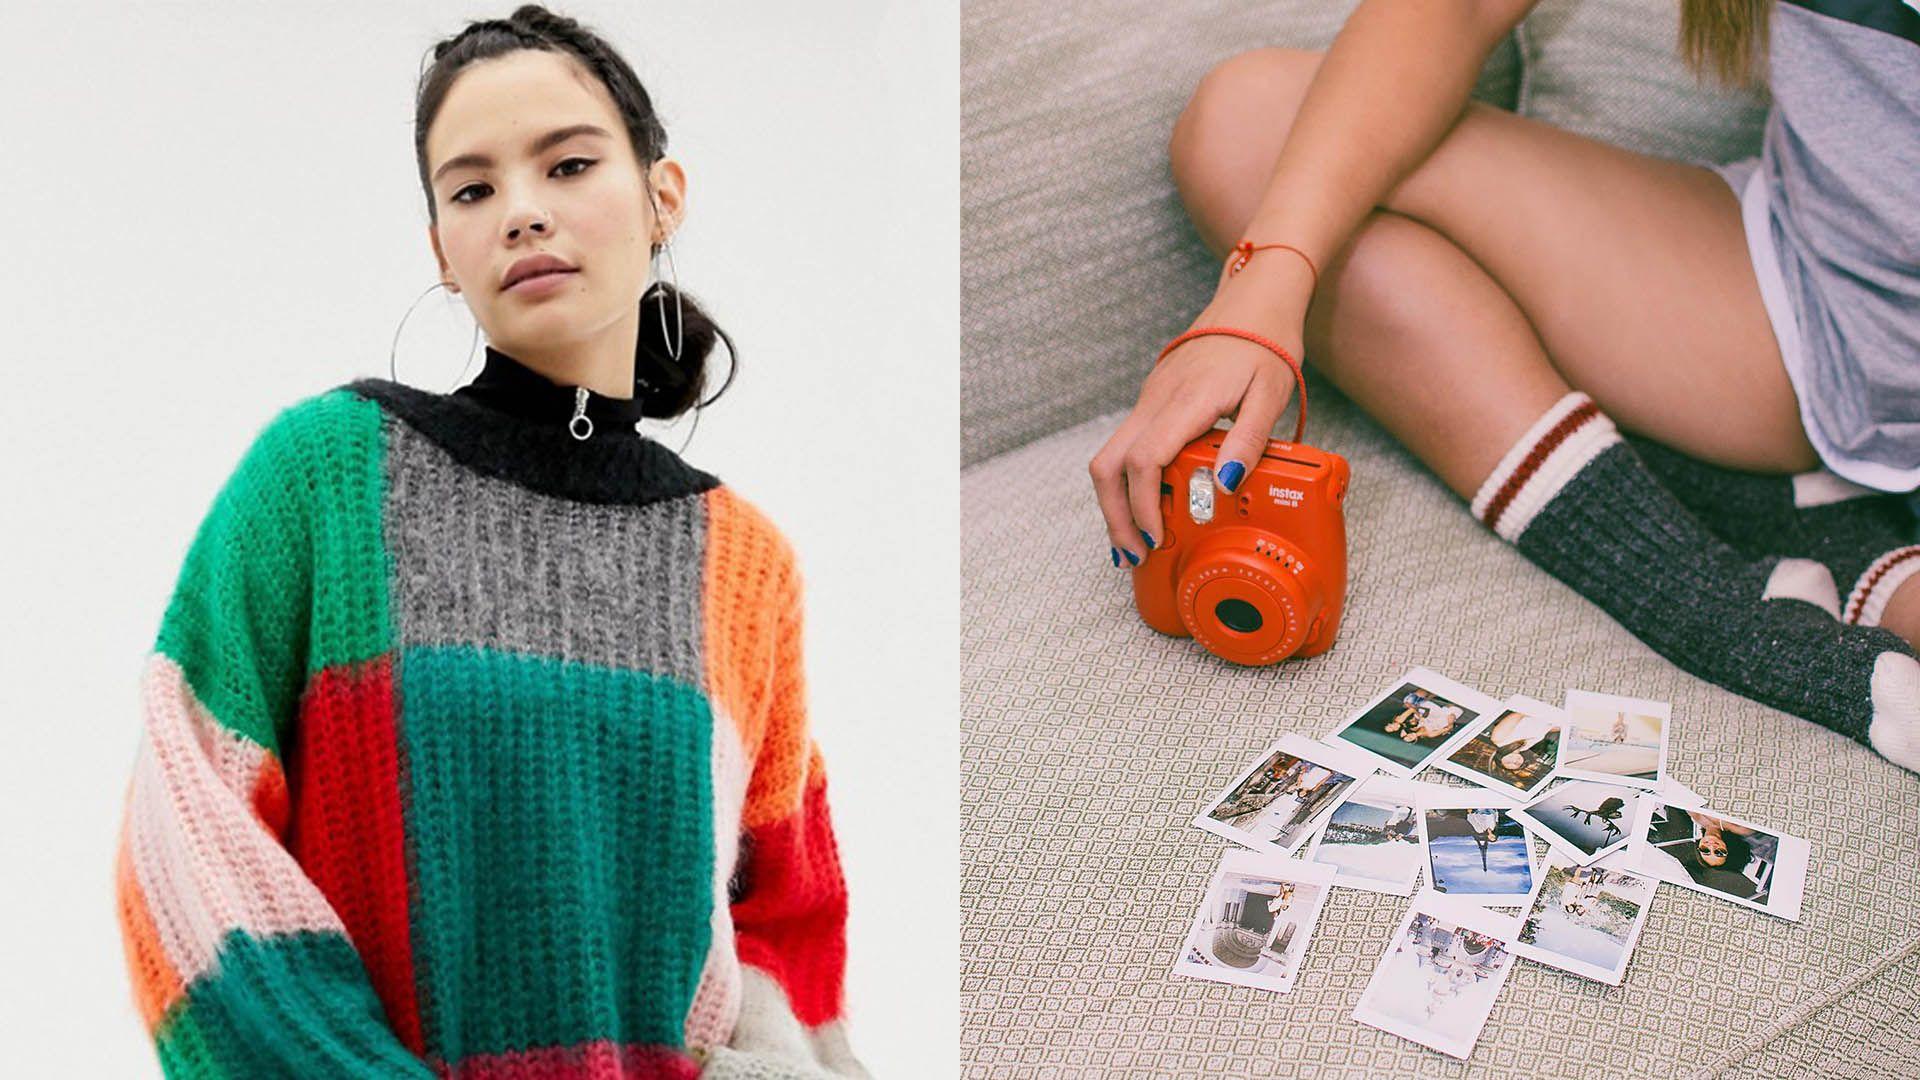 Natale: idee regalo originali per una ragazza di 20 anni